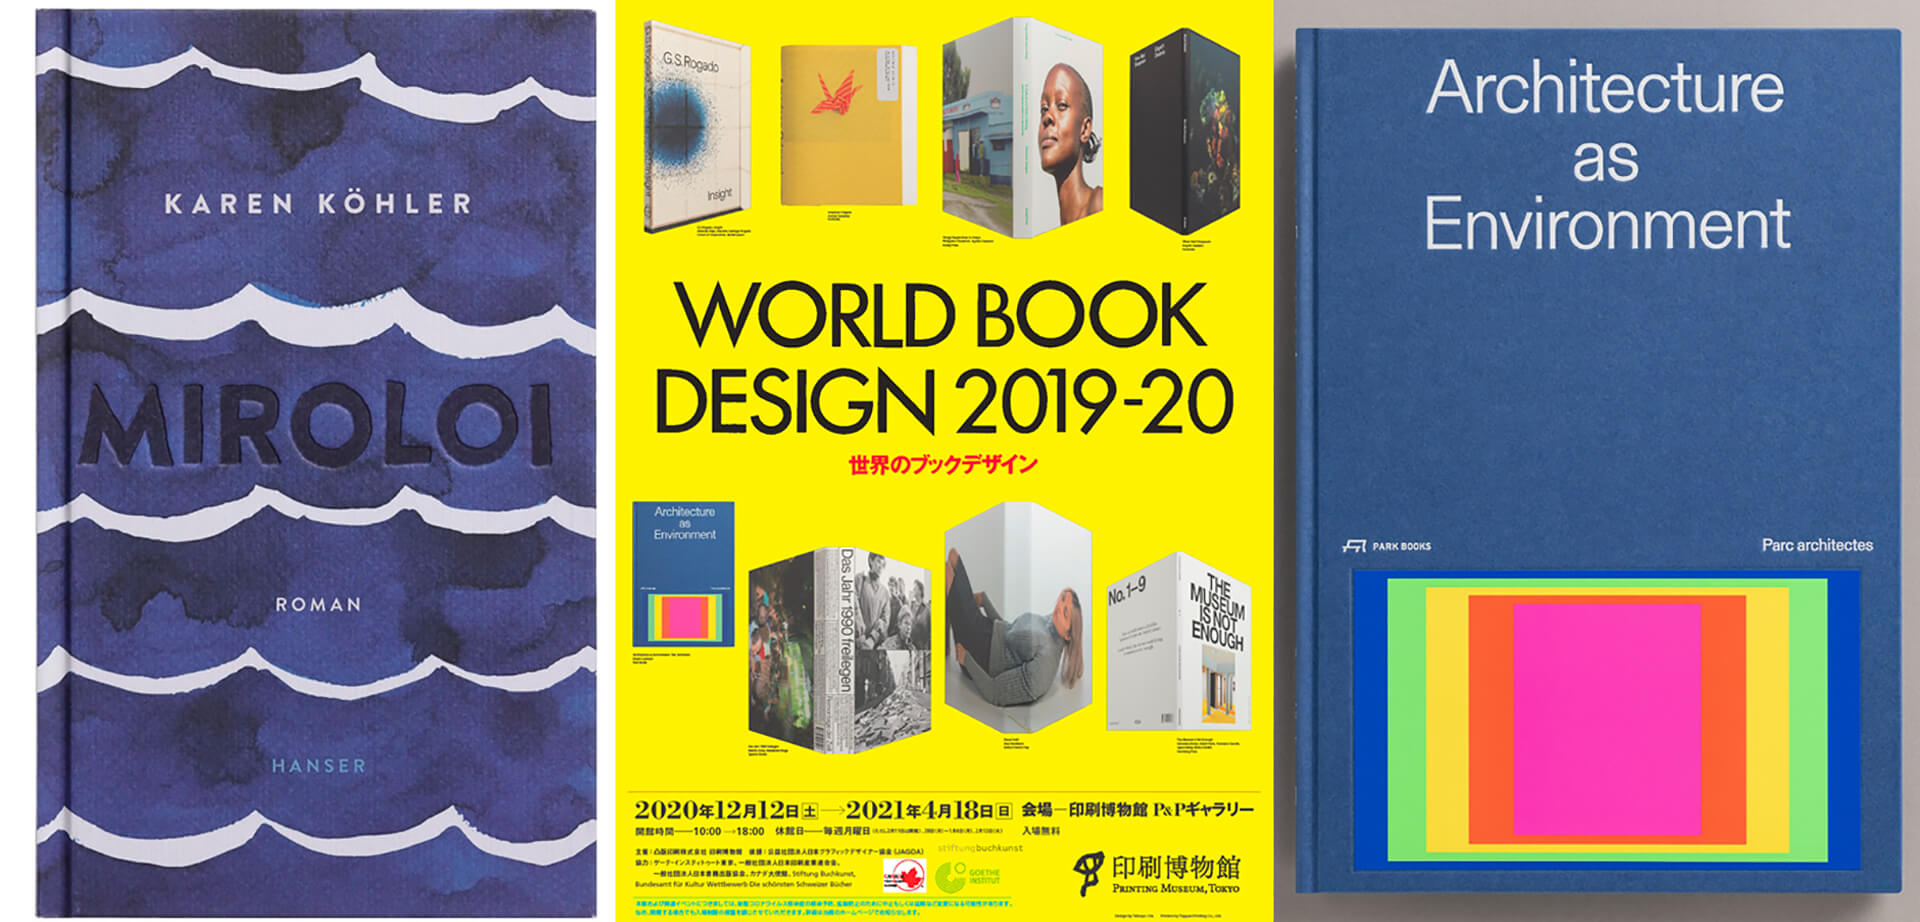 「世界のブックデザイン2019-20」展